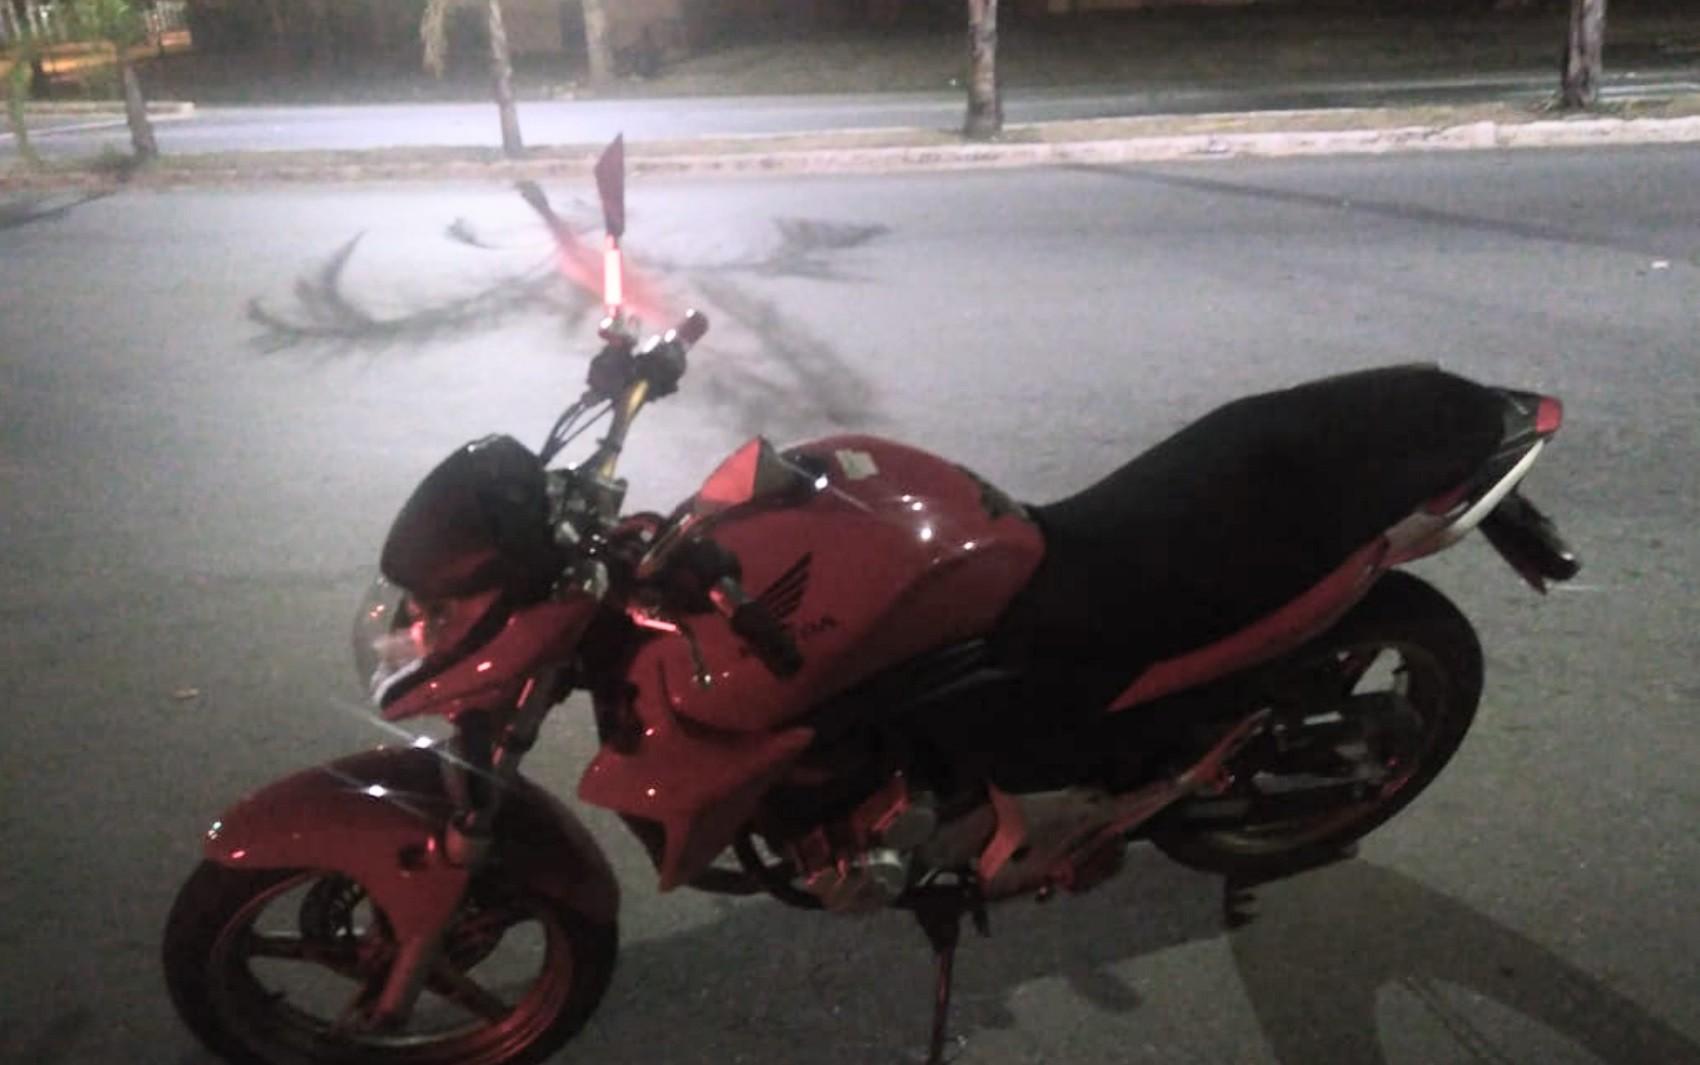 Motociclista morre após bater em outra moto em cruzamento do Jardim Europa, em Goiânia